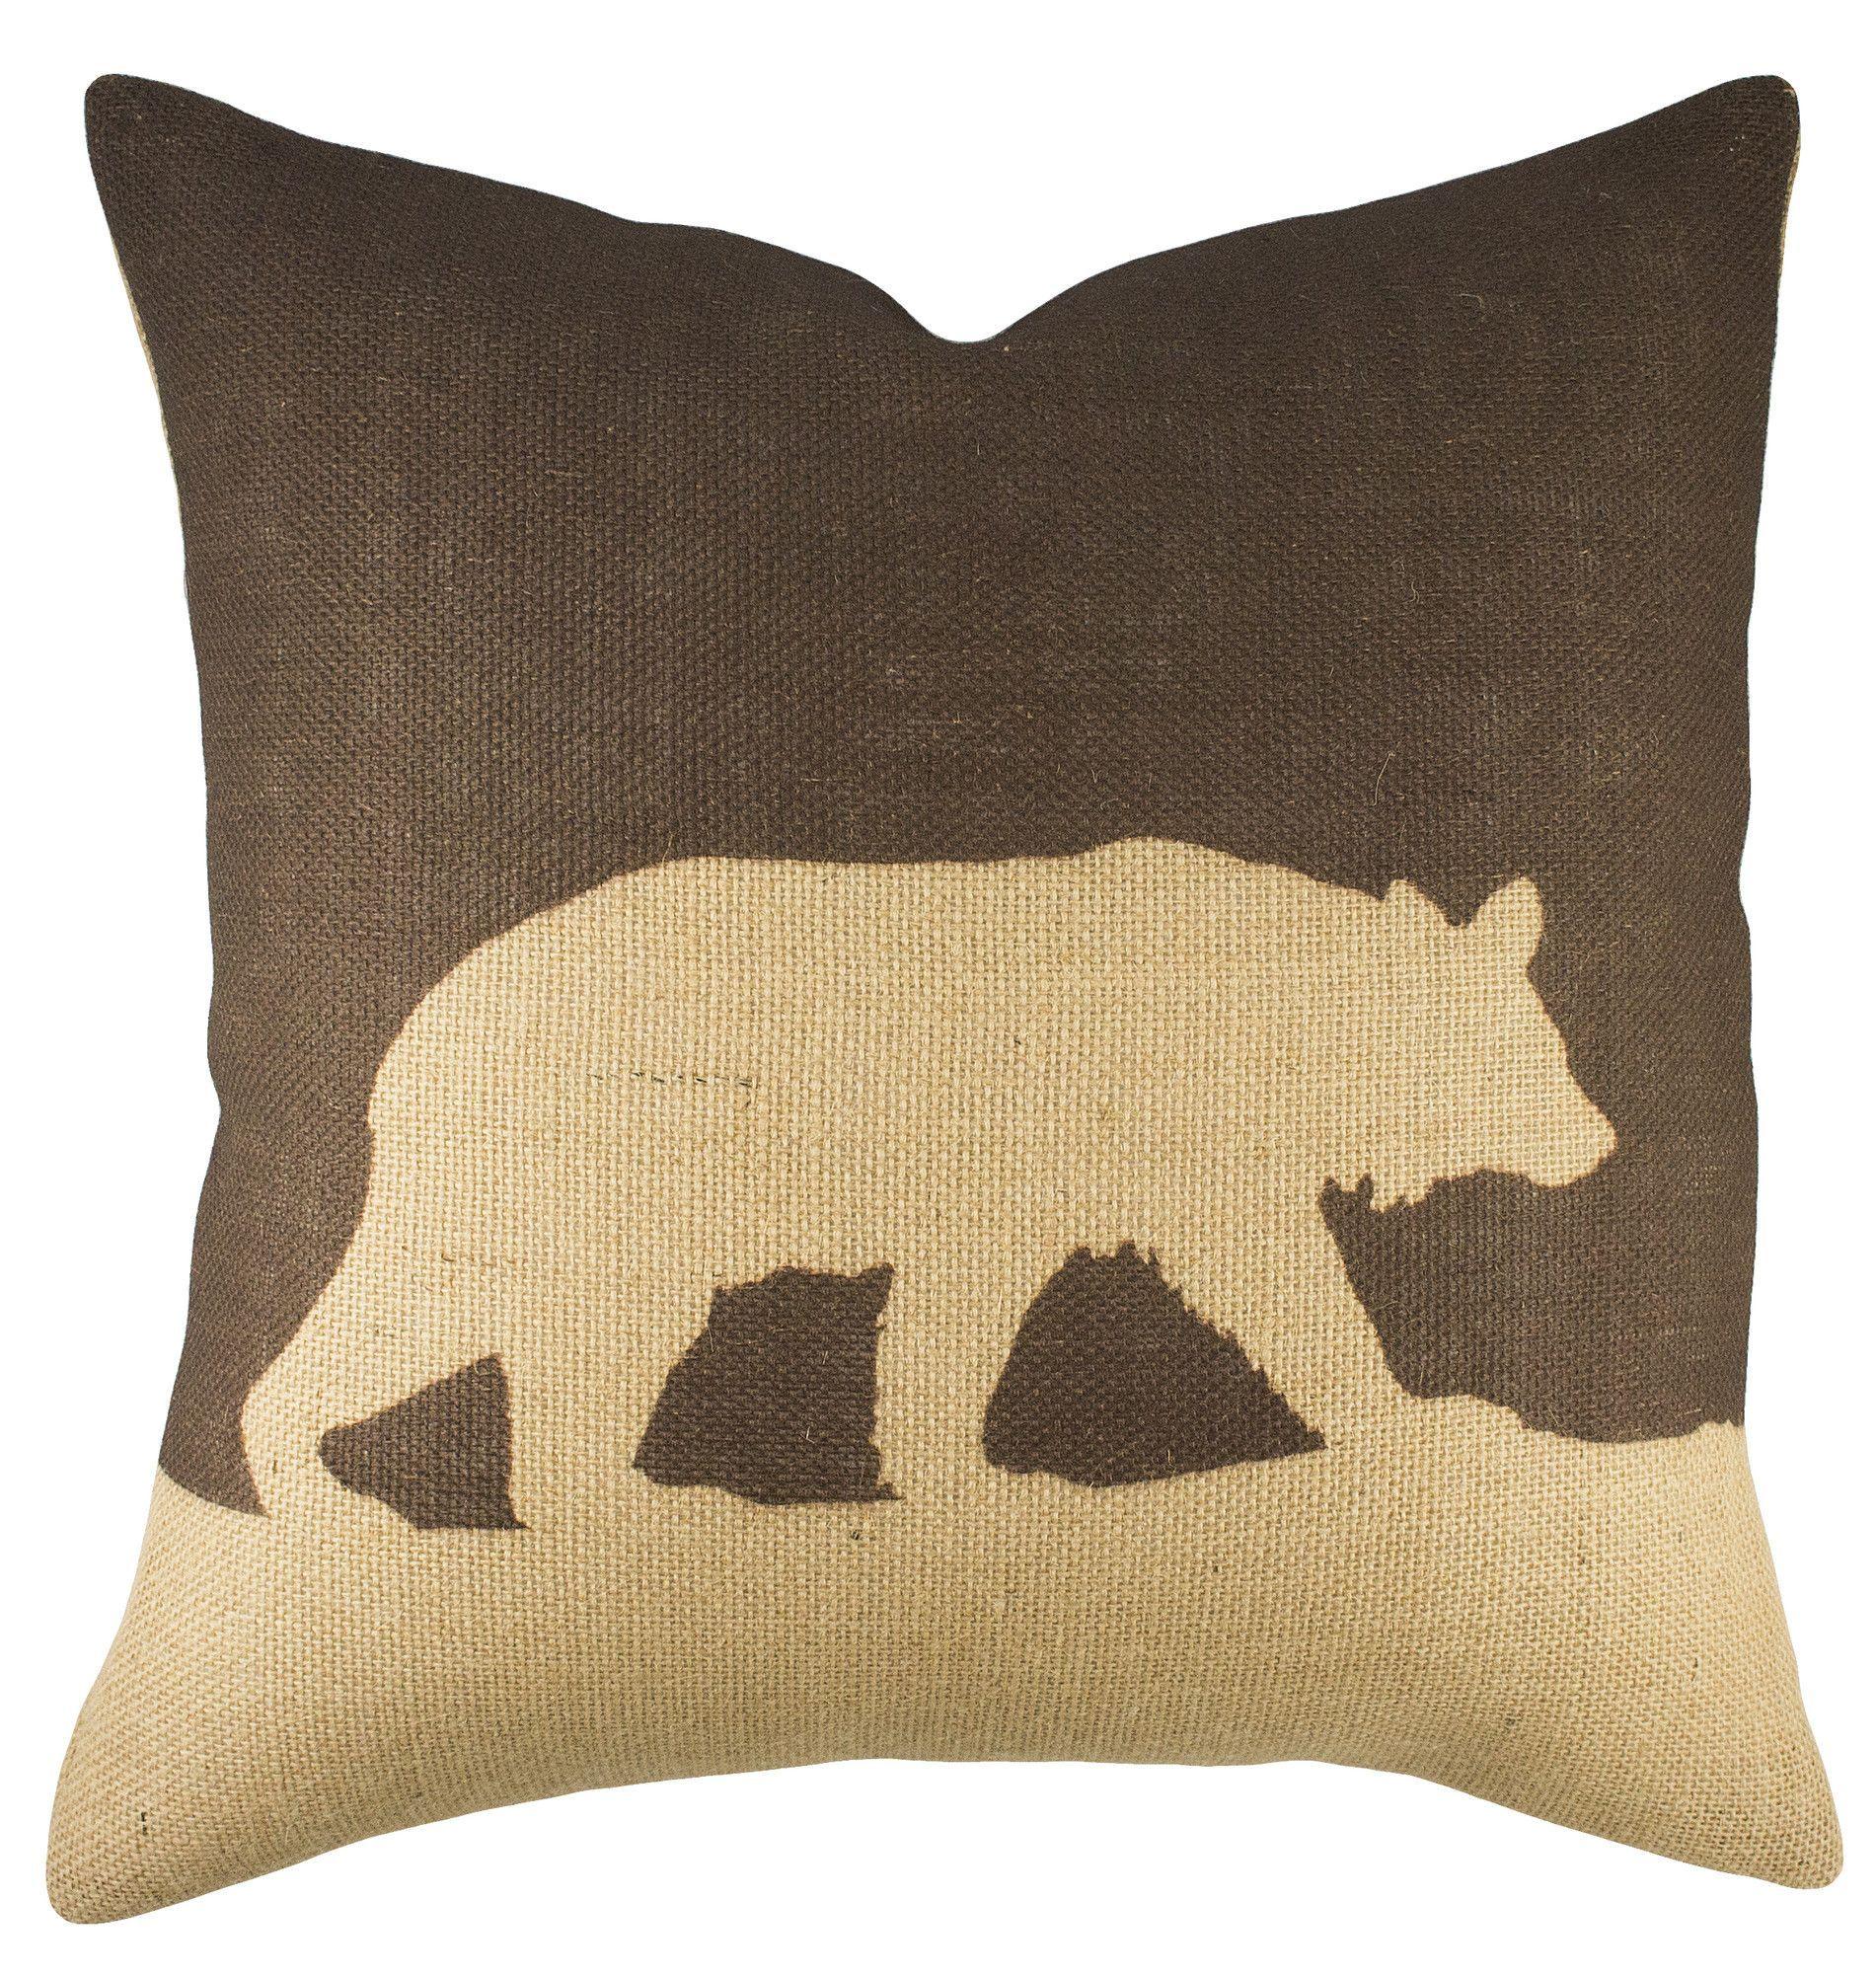 Bear Burlap Throw Pillow Burlap Throw Pillows Throw Pillows Burlap Pillows